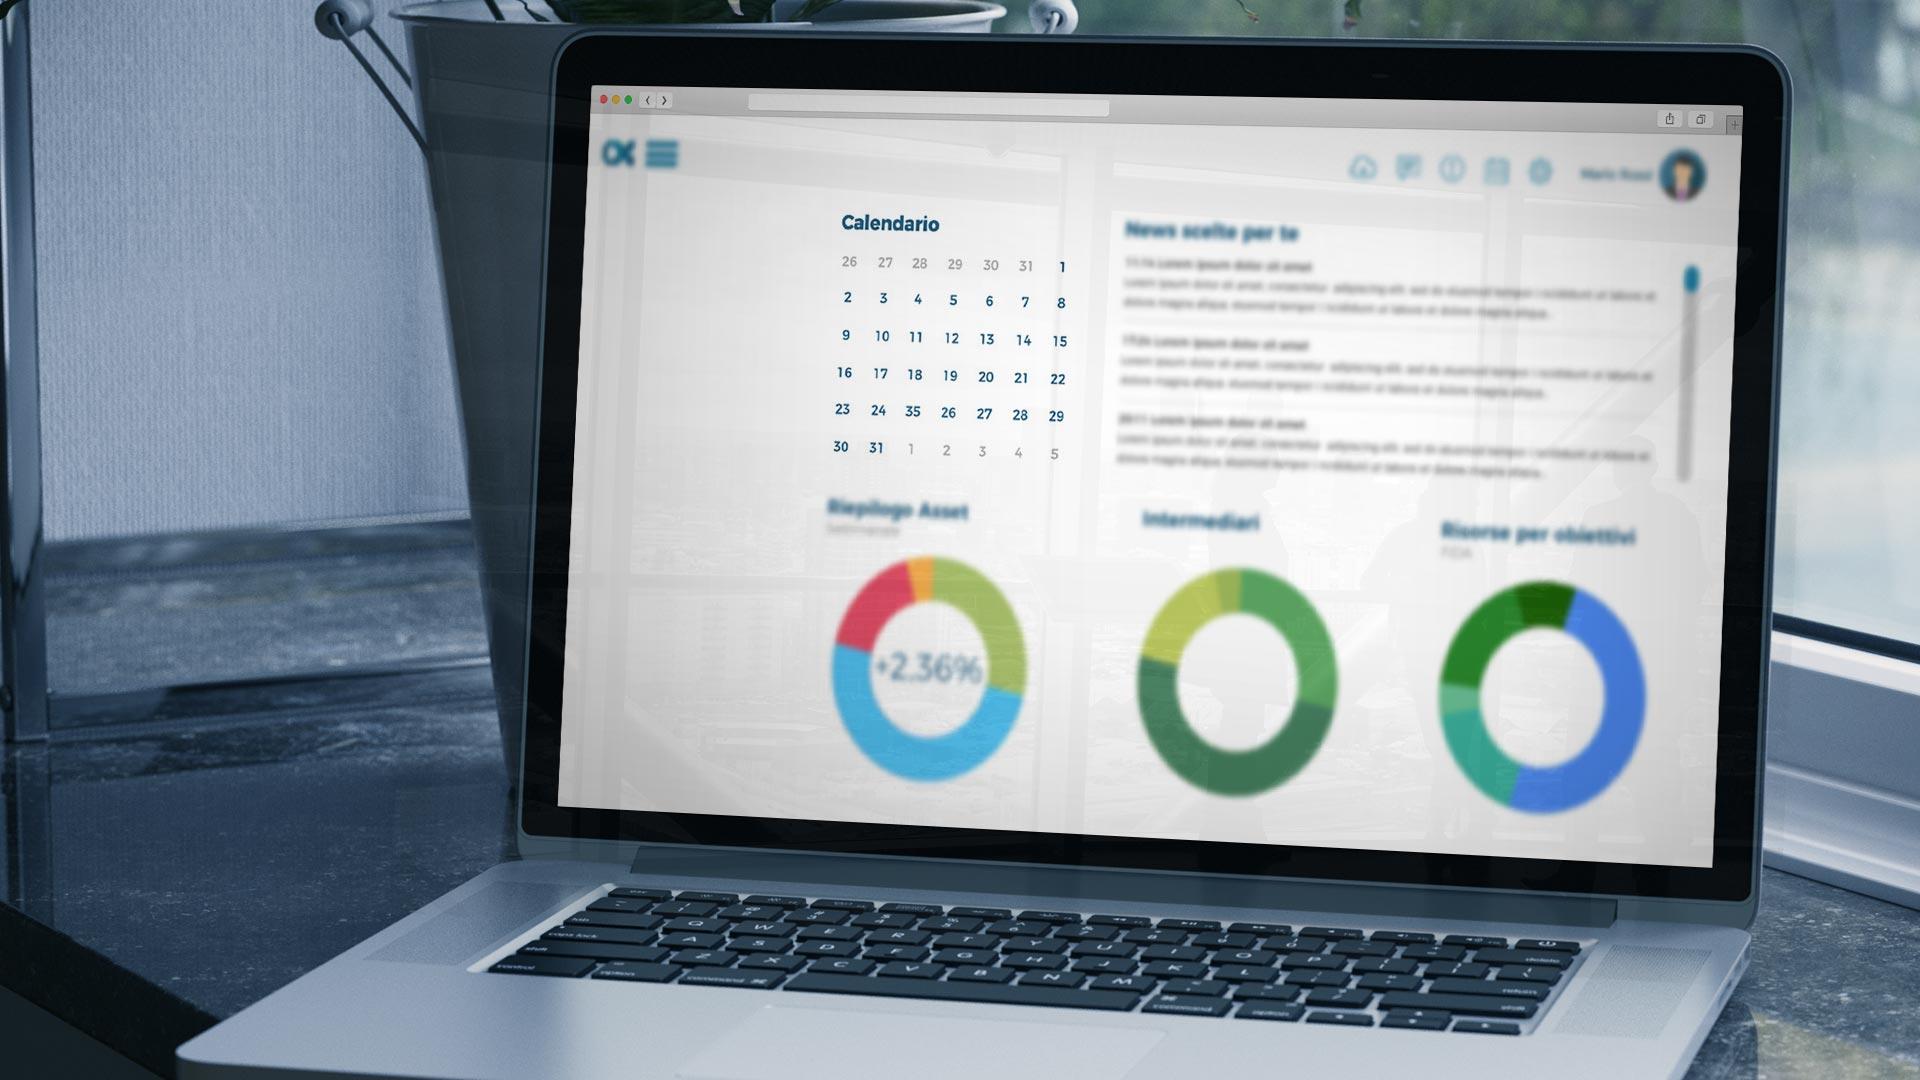 Piattaforma consulenti finanziari indipendenti:  comunicazione efficace con i clienti  - Fairvalyou